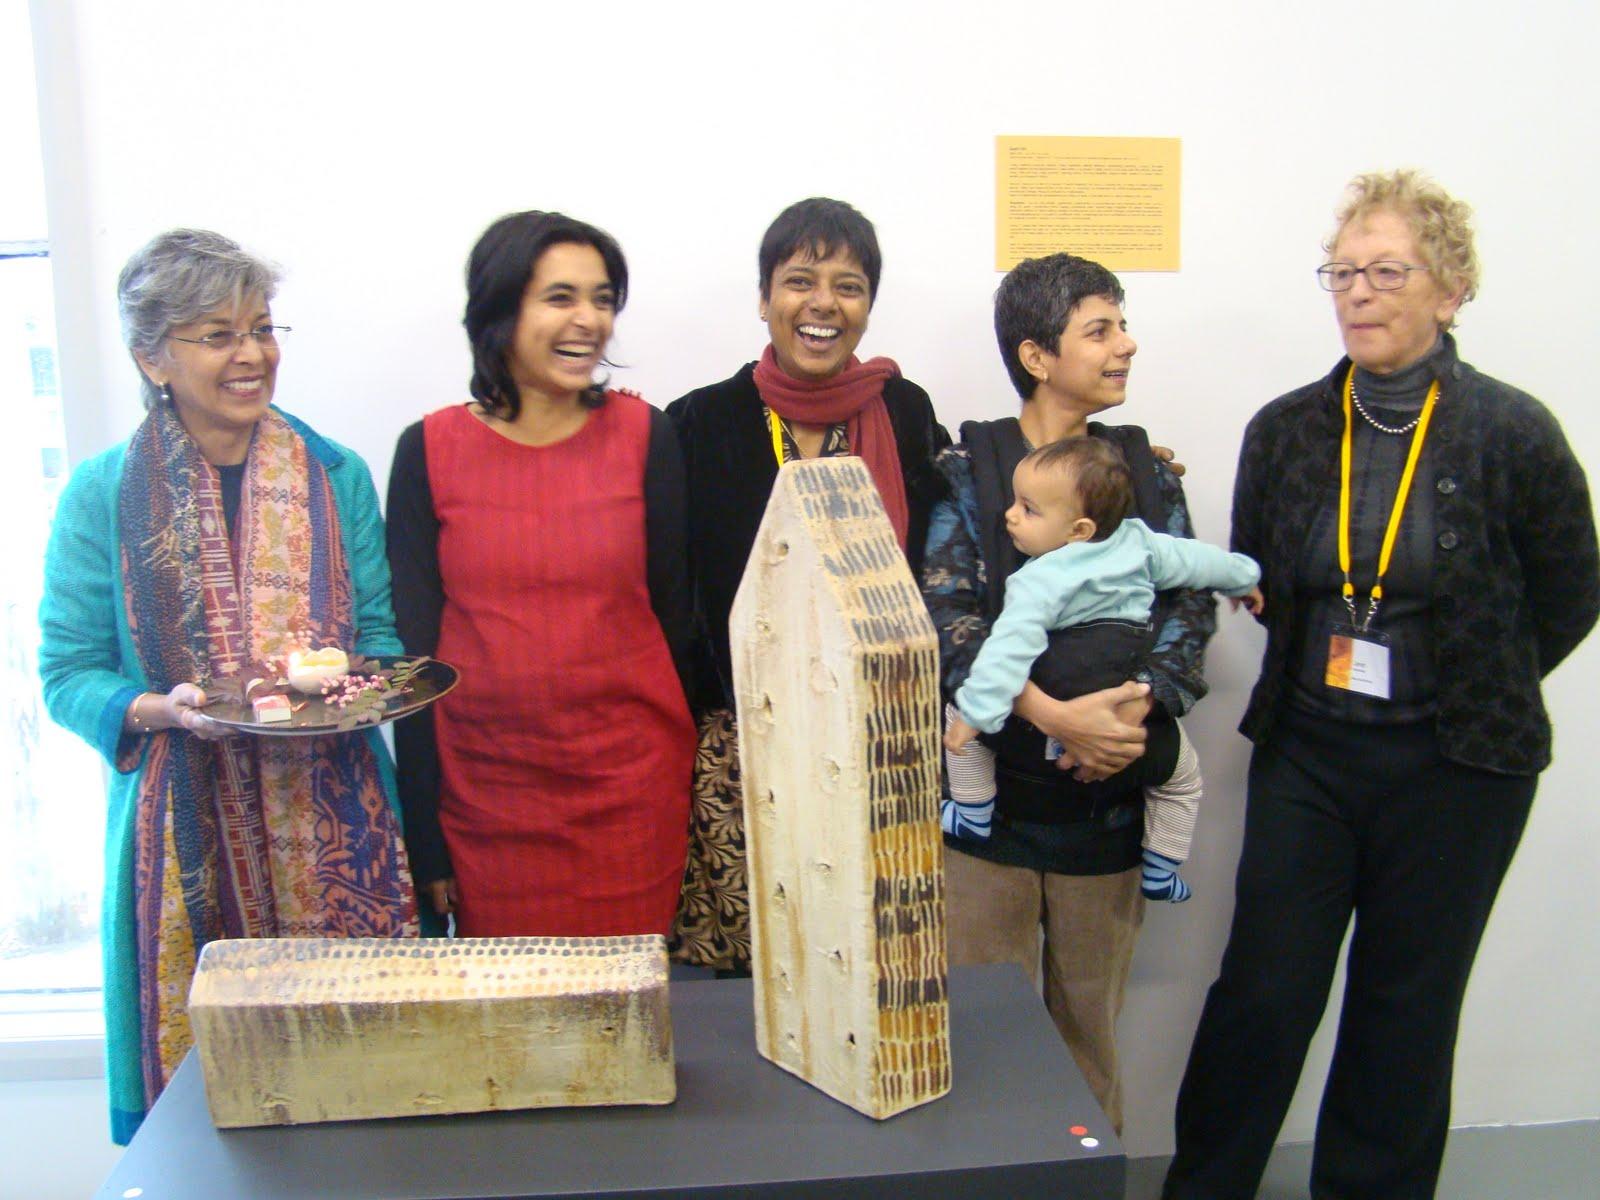 ashwini bhat: June 2011